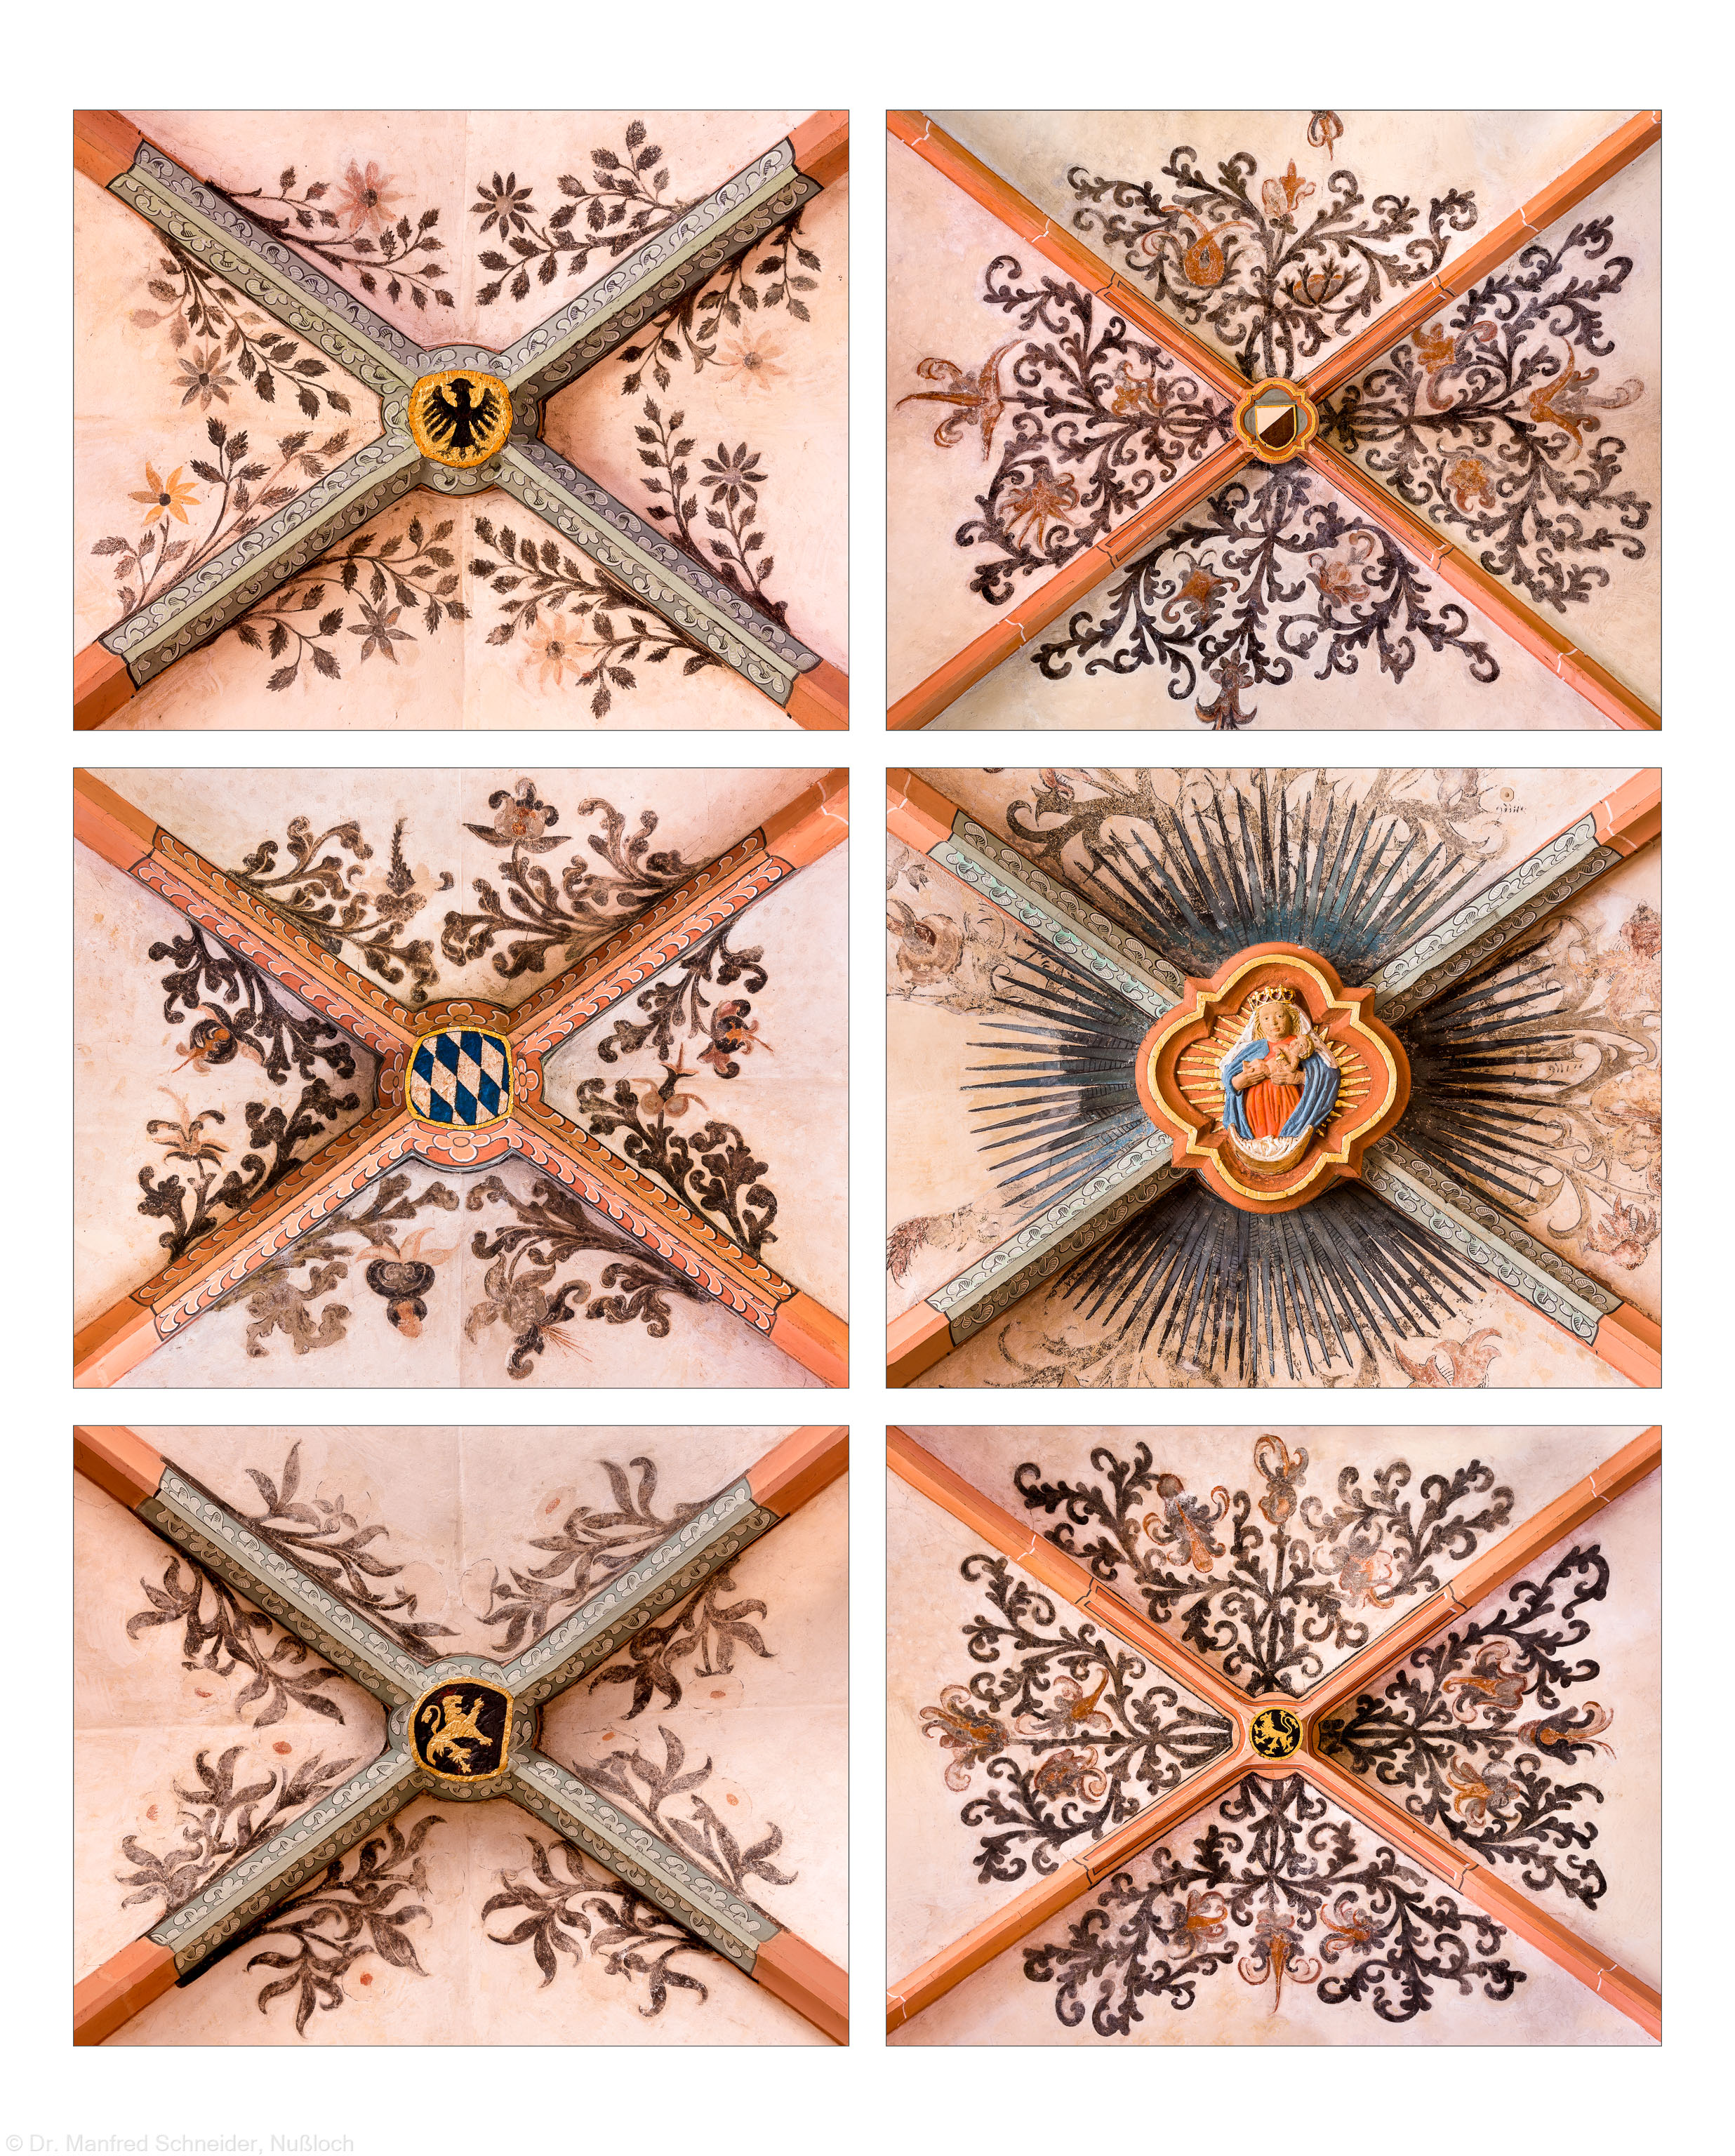 Heidelberg - Heiliggeistkirche - Südschiff - Schlußsteine mit Ornamenten, v.l.n.r.: 3., 1., 4., 6., 5., und 2. Joch, von Westen aus gezählt (aufgenommen im April 2015, nachmittags)